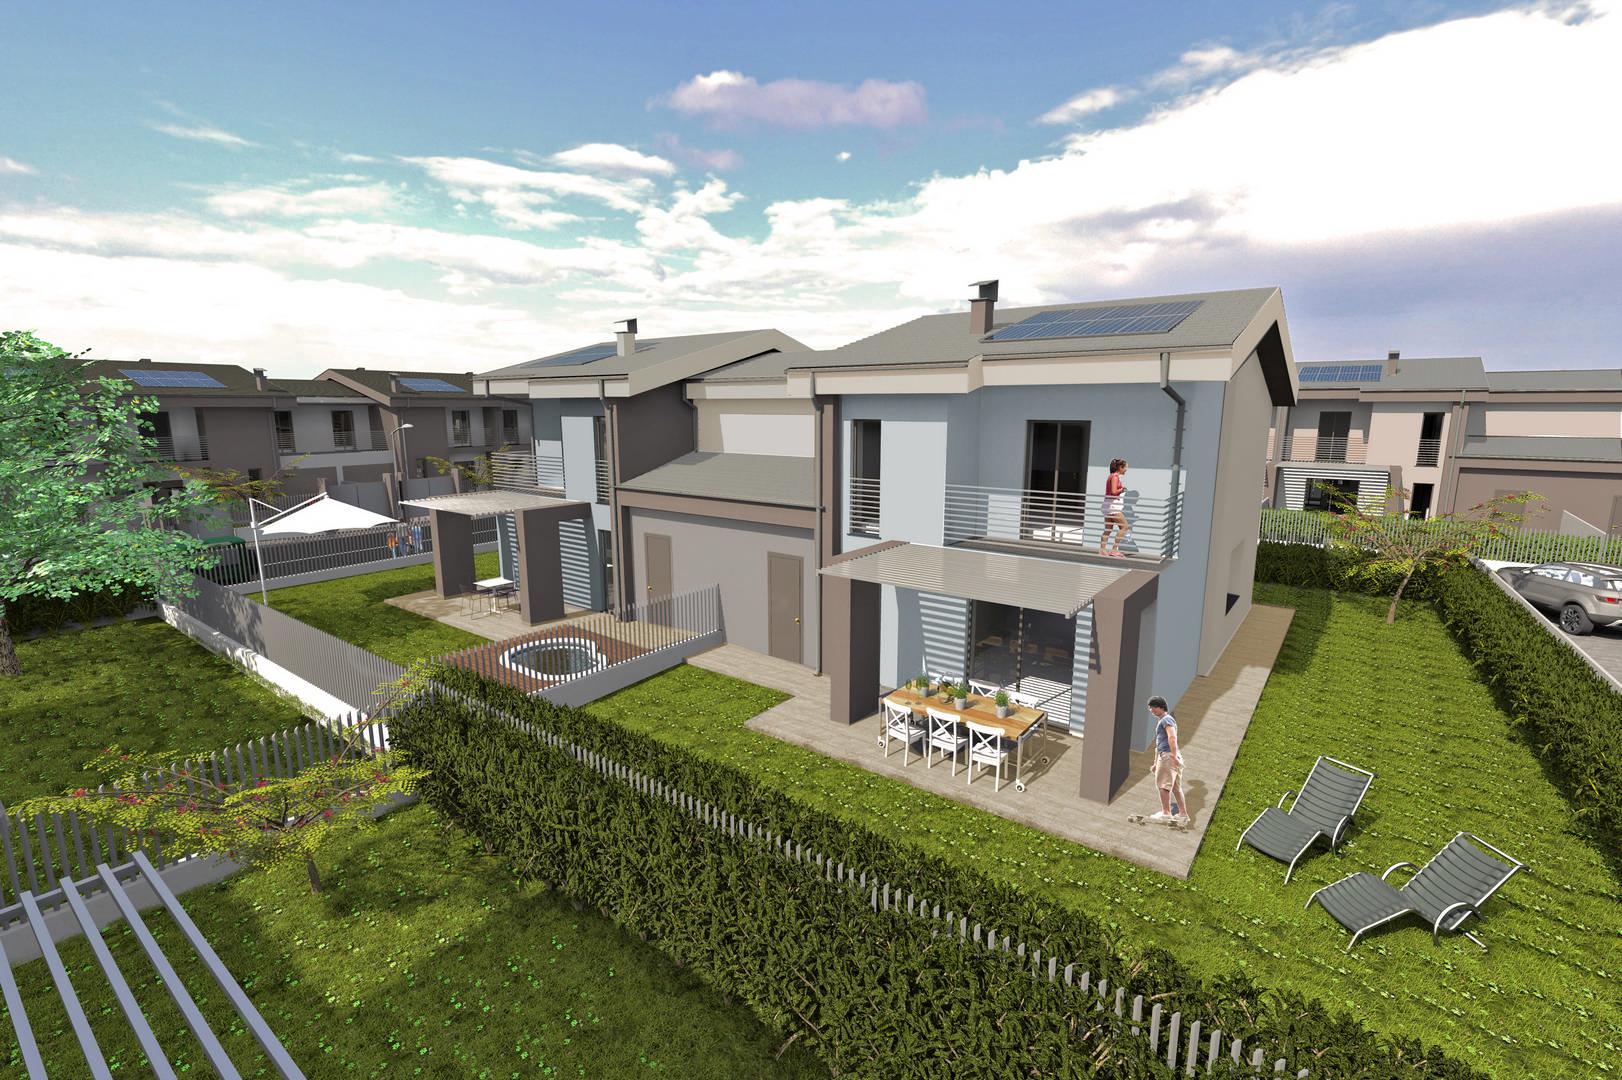 Ville e bifamiliari di prossima realizzazione antica for Ville bifamiliari moderne